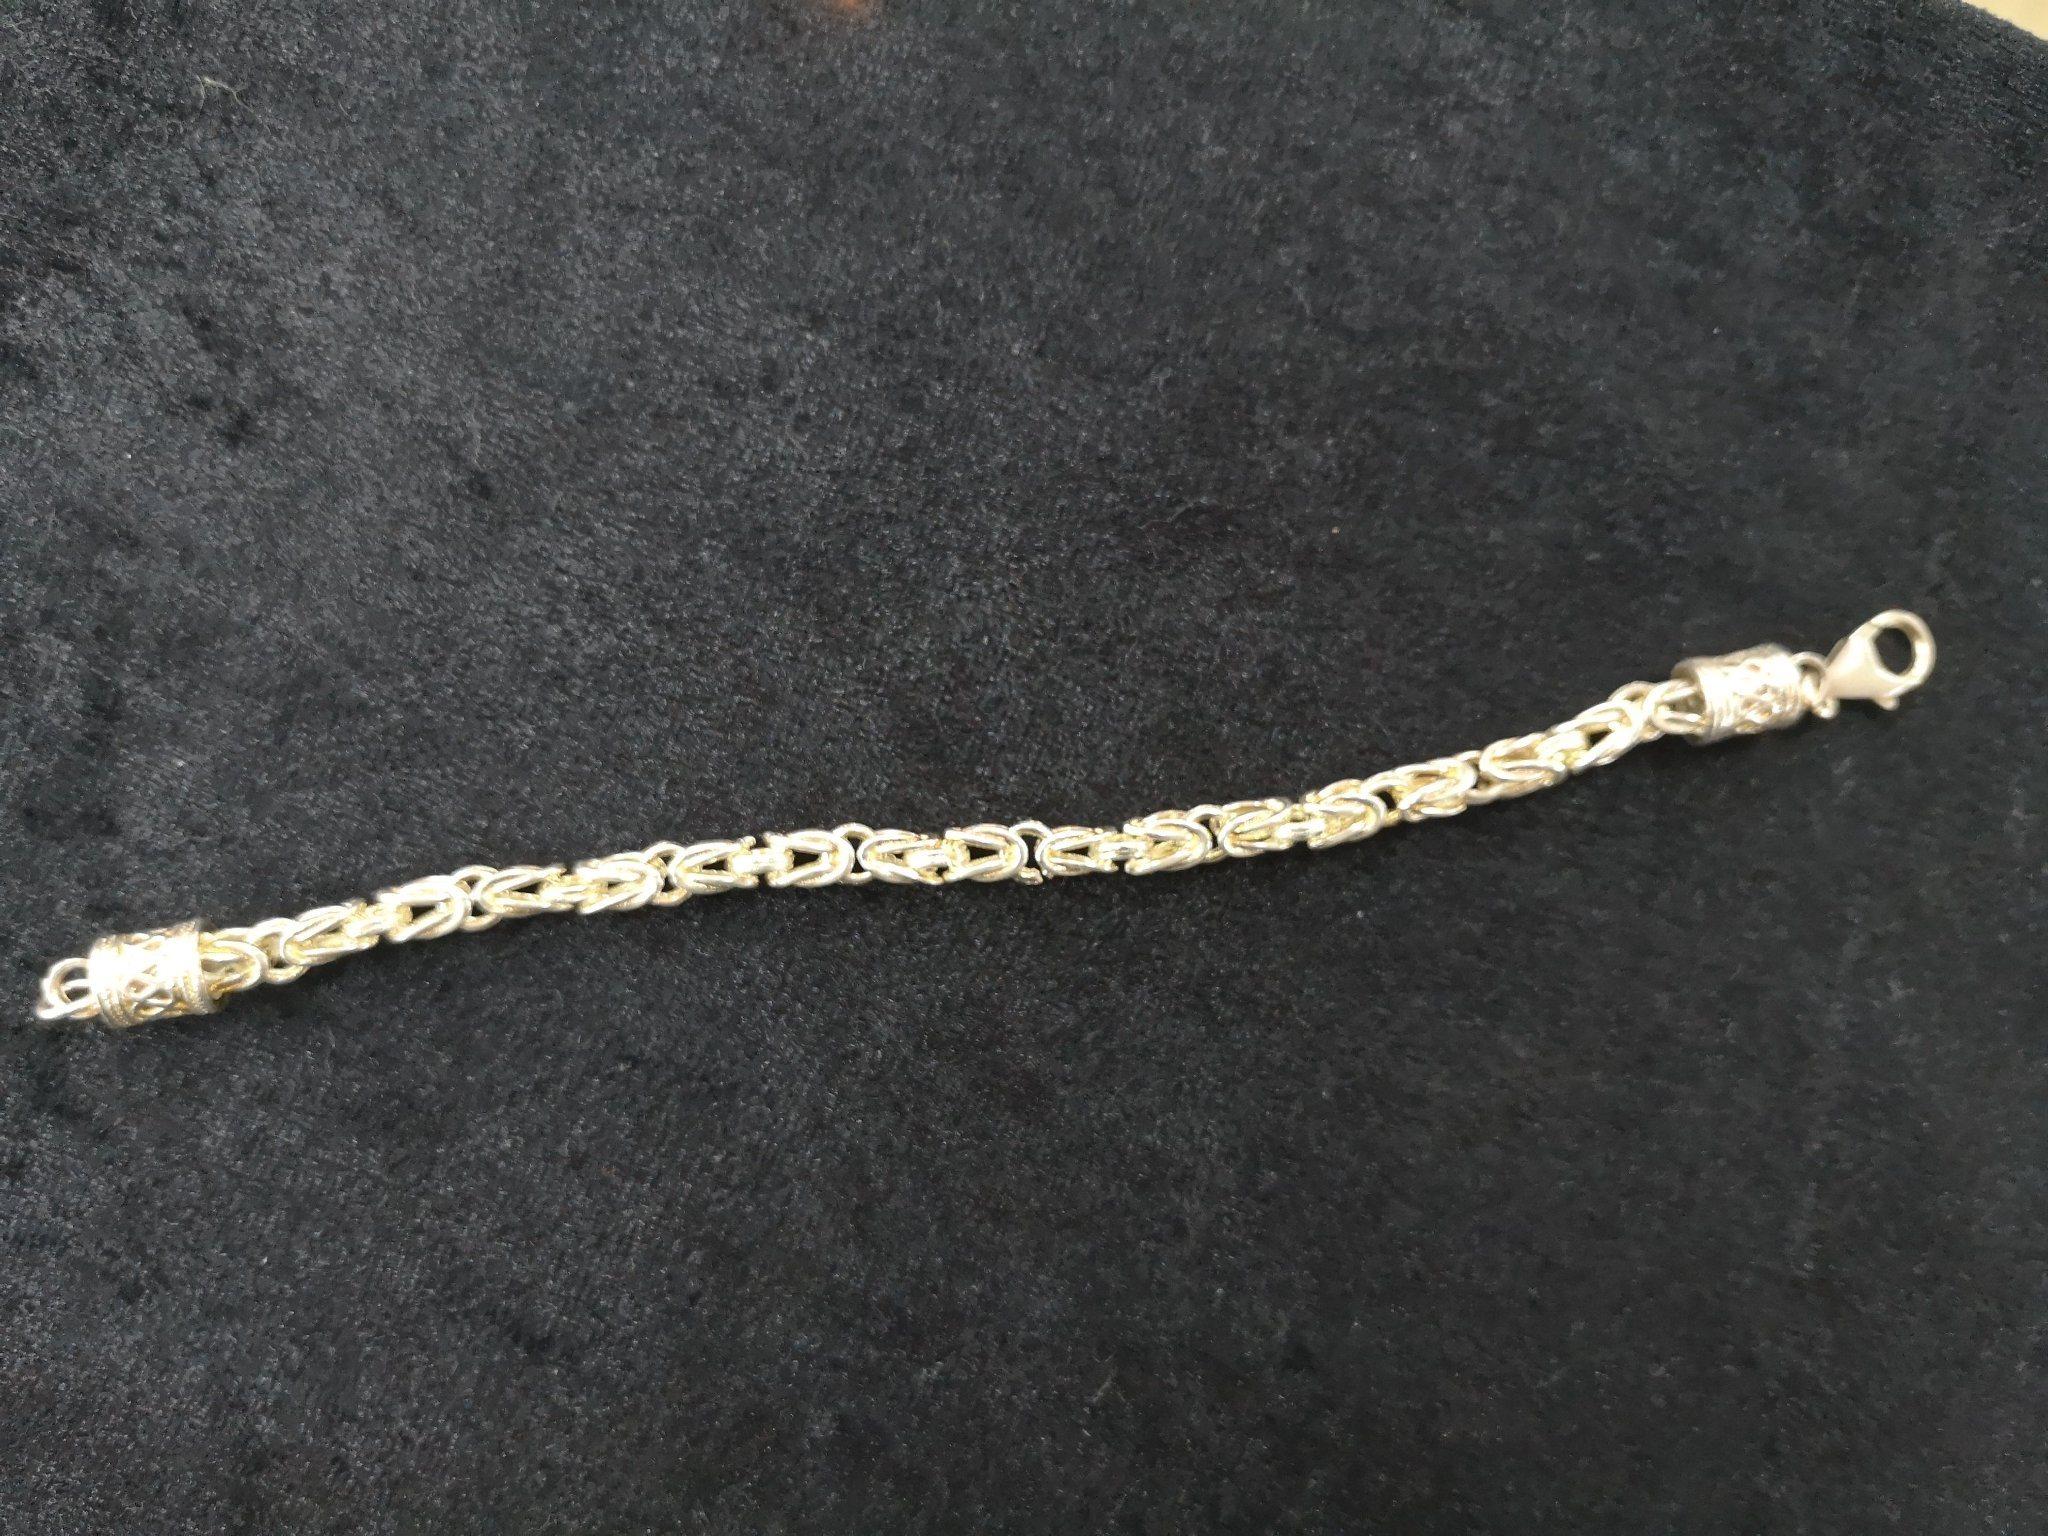 kejsarlänk silver Armband 925 (340784389) ᐈ Köp på Tradera f8a79d9d10b30